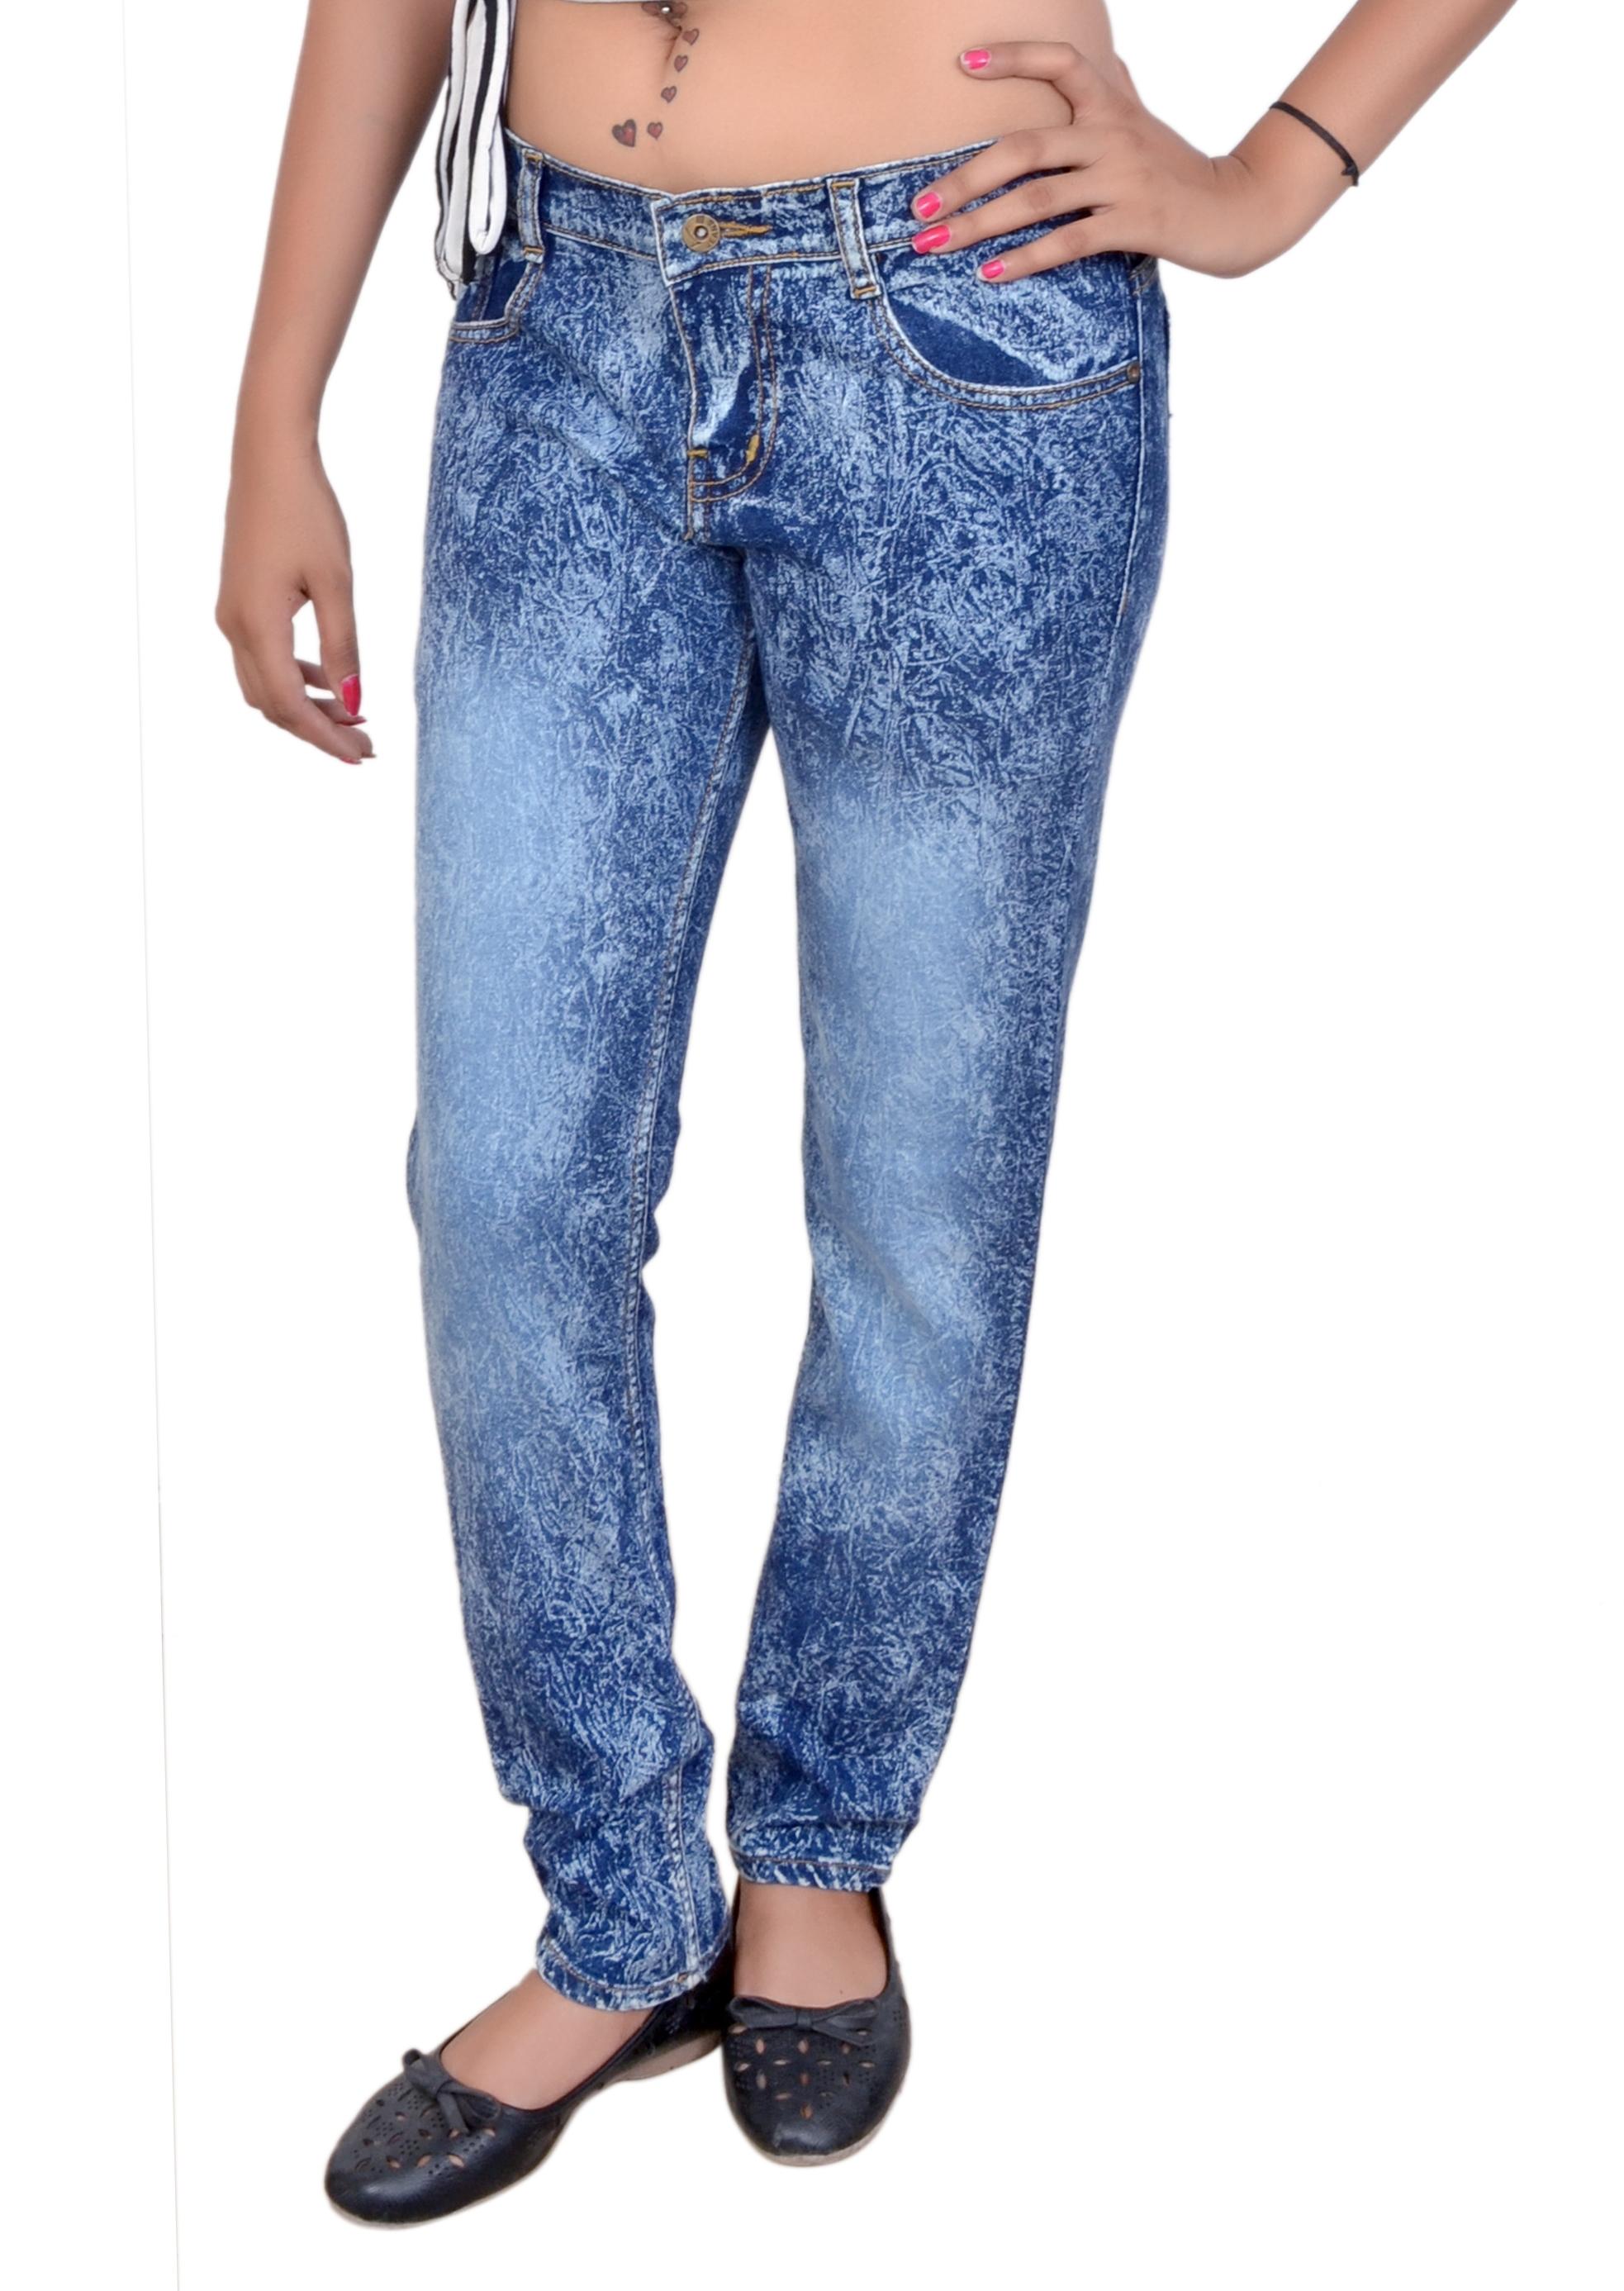 Modo Delicate Indigo Cotton Slim Fit Fashion Jeans